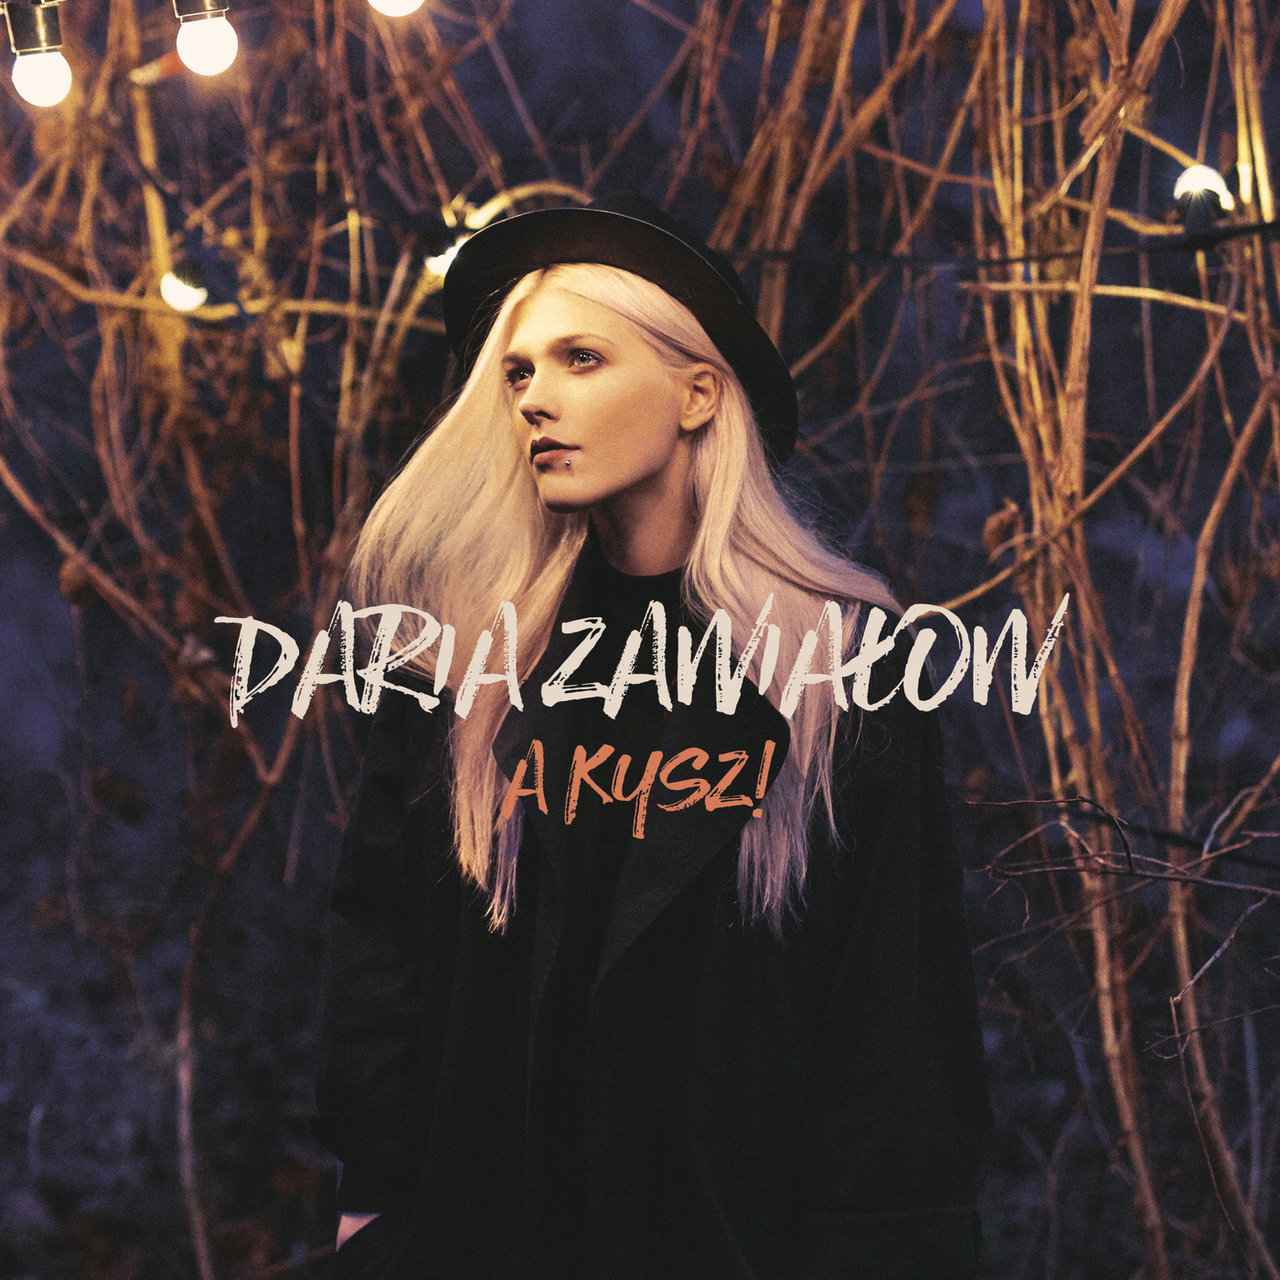 """Daria Zawiałow – """"A kysz!"""""""